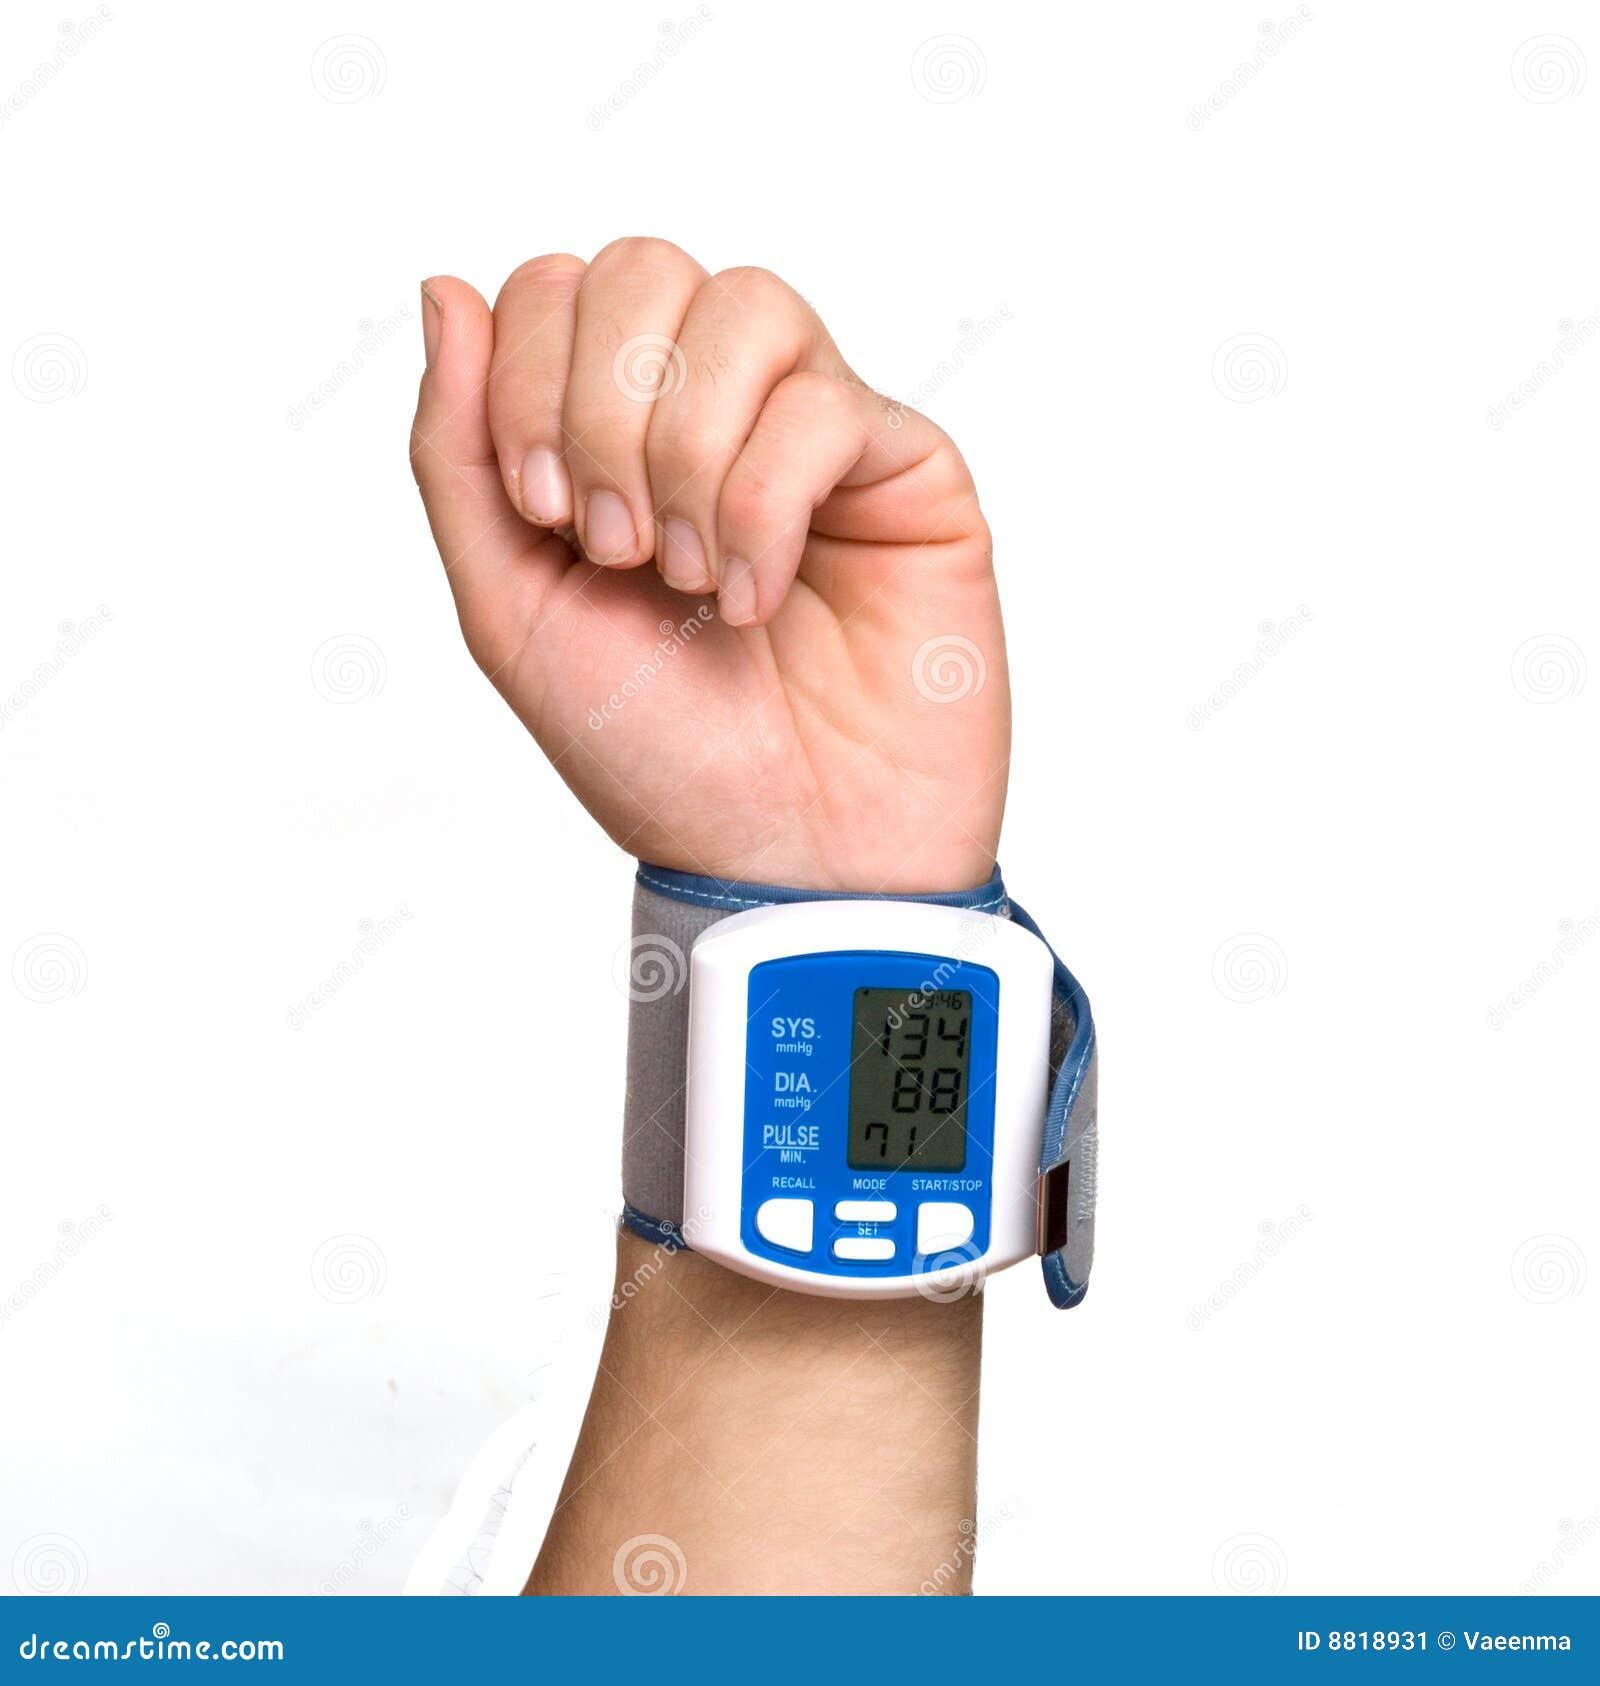 Aparatos para medir la presion arterial precio